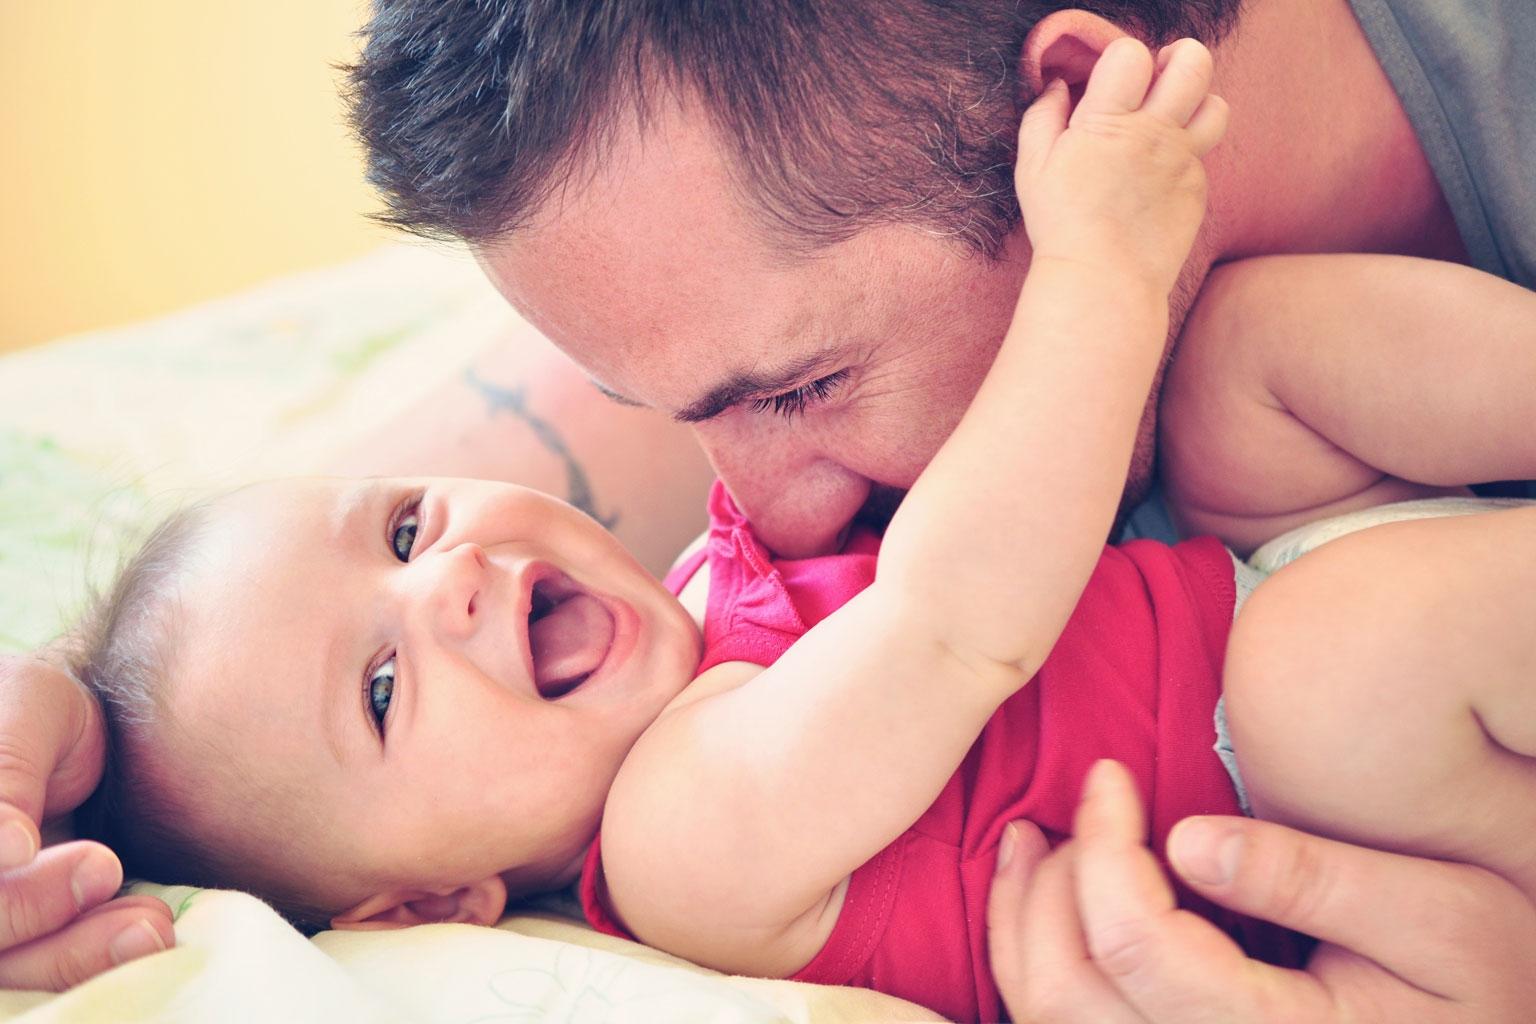 Секс с папулей фото, Фотографии Русский инцест - отец и дочь 5 альбомов 8 фотография